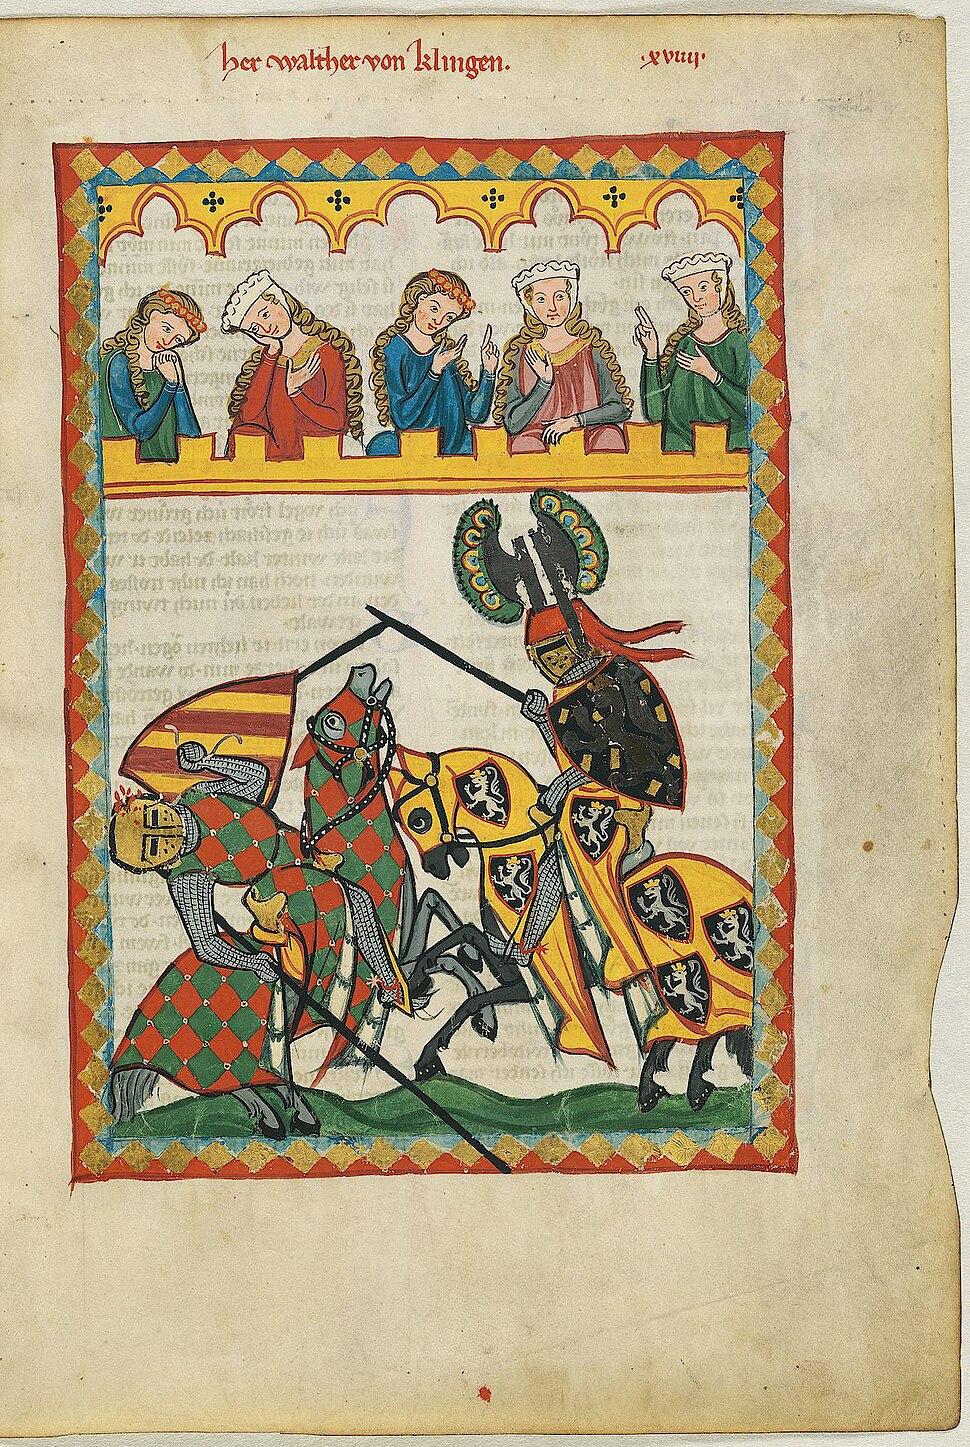 Codex Manesse 052r Walther von Klingen